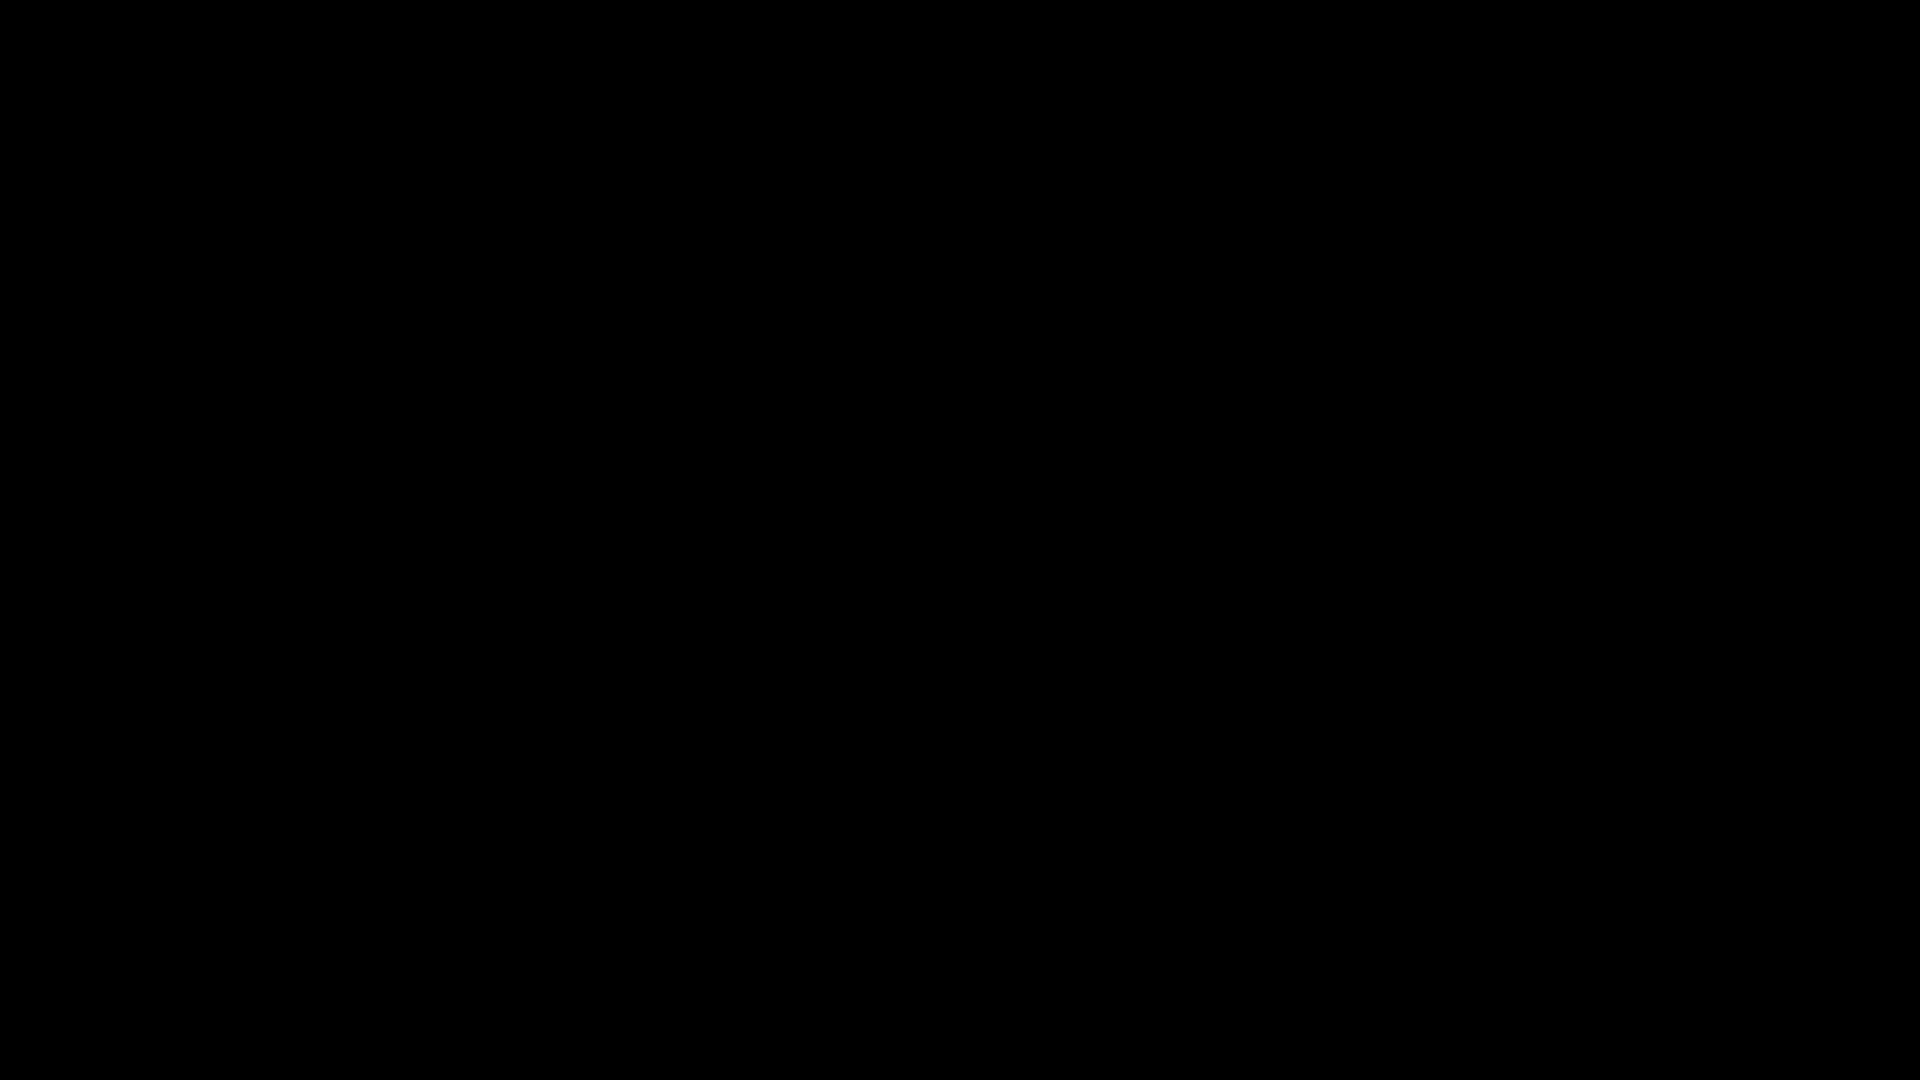 潜入!!韓国秘密のトイレ!Vol.01 盗撮 AV動画キャプチャ 108画像 2